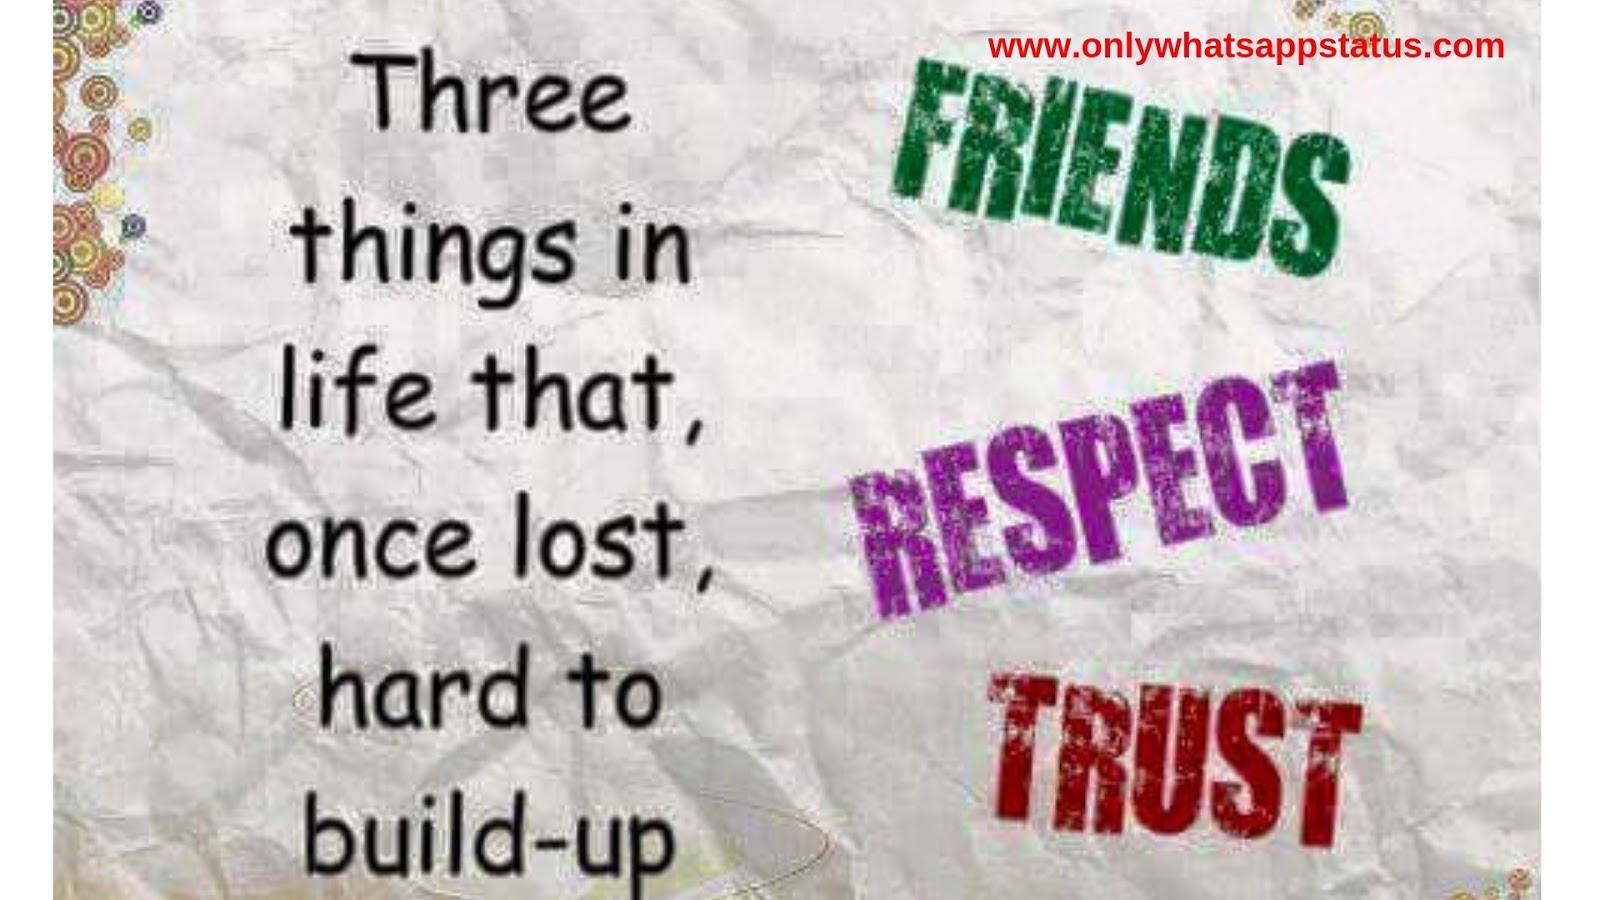 Friendship Whatsapp Status - OnlyWhatsappStatus